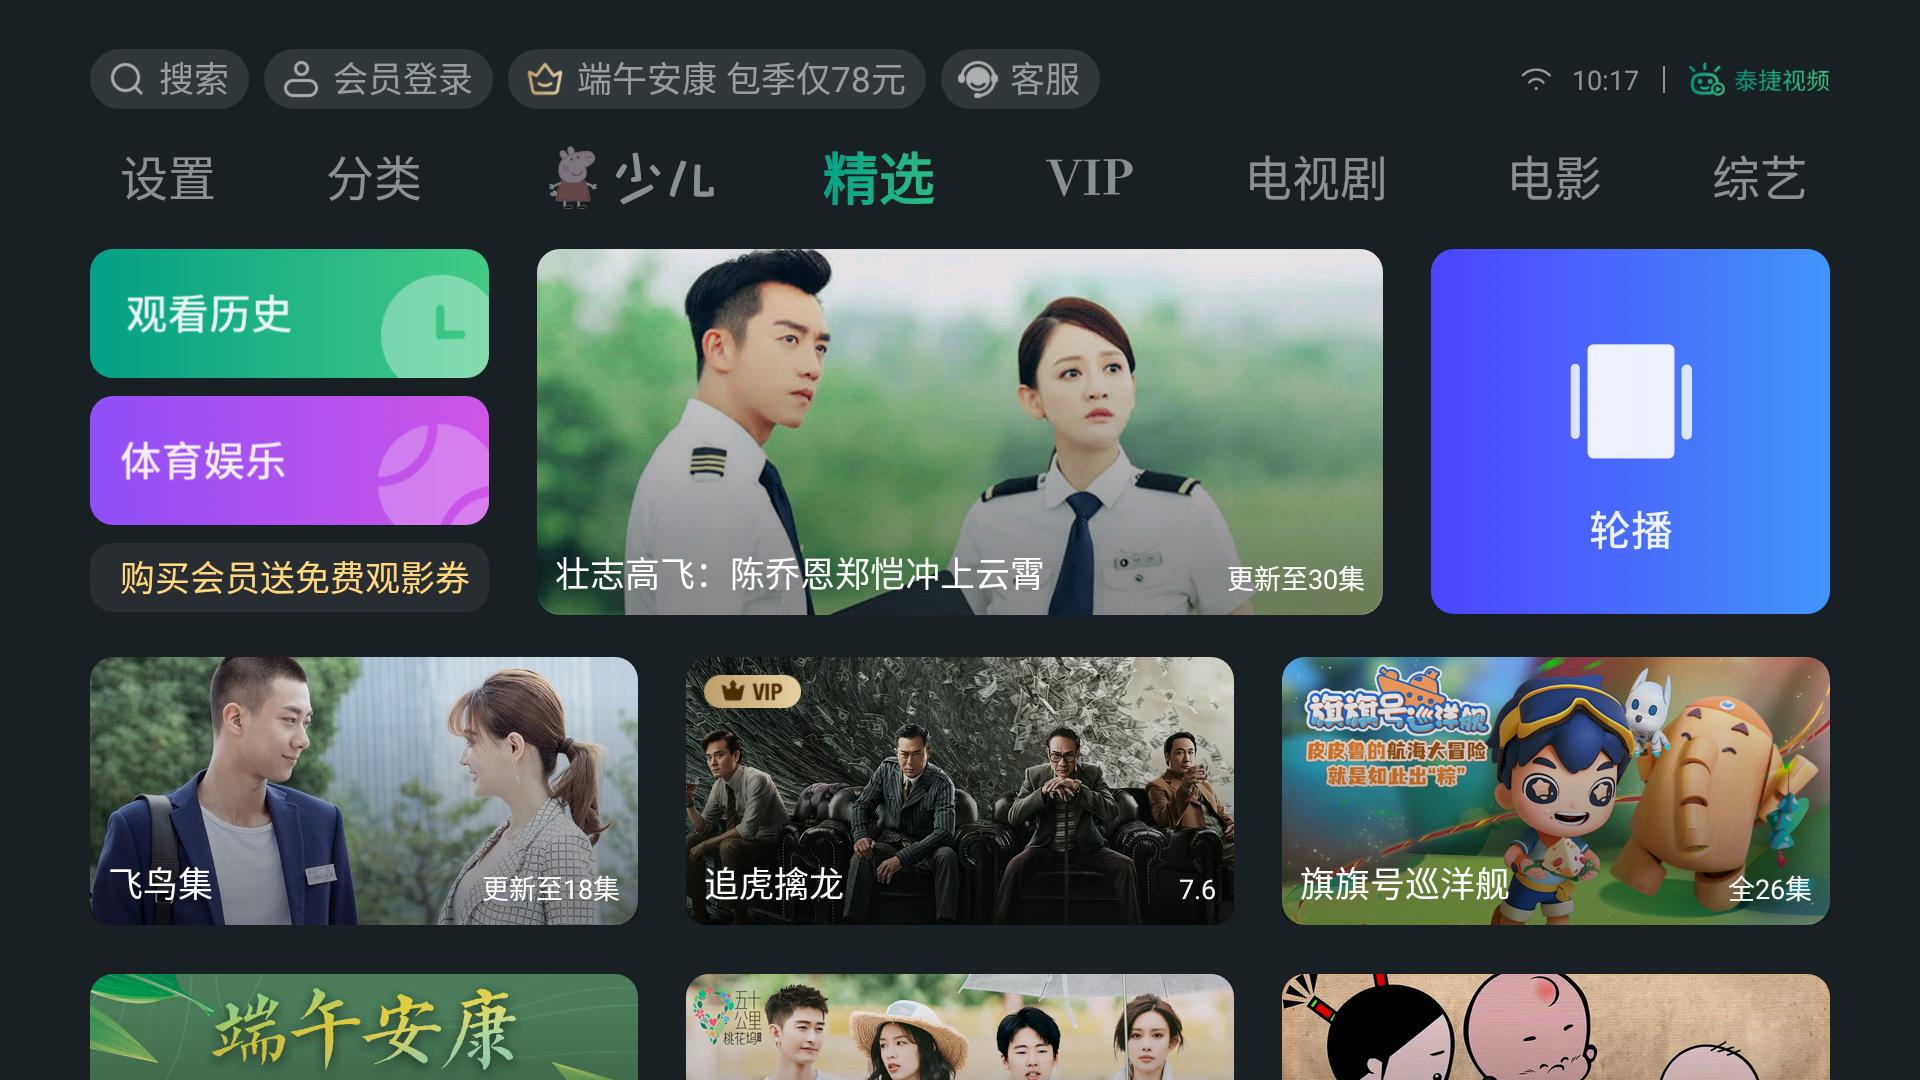 软件推荐[TV]泰捷视频TV 51.0.6 去广告版 海量免费资源 可看4K